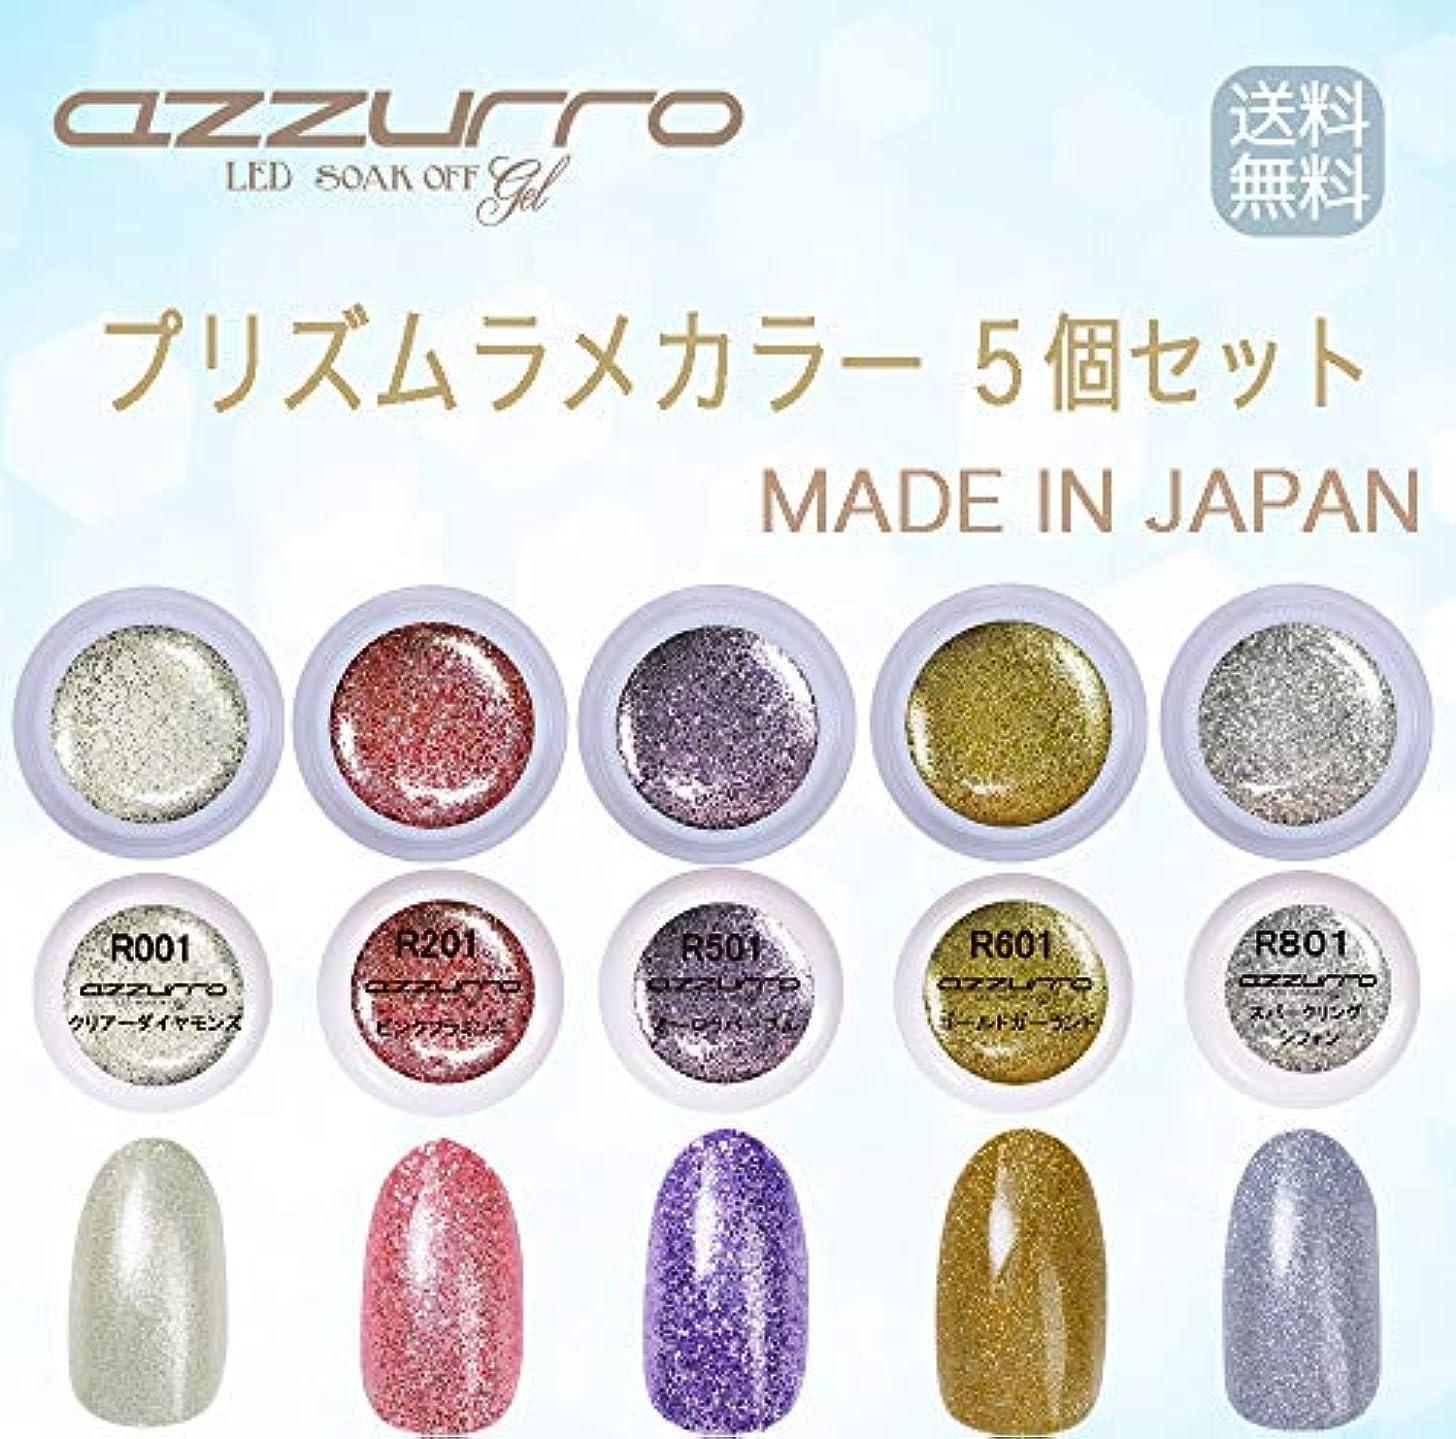 変換する表面鮫【送料無料】日本製 azzurro gel プリズムラメカラージェル5個セット キラキラネイルにぴったりなカラー